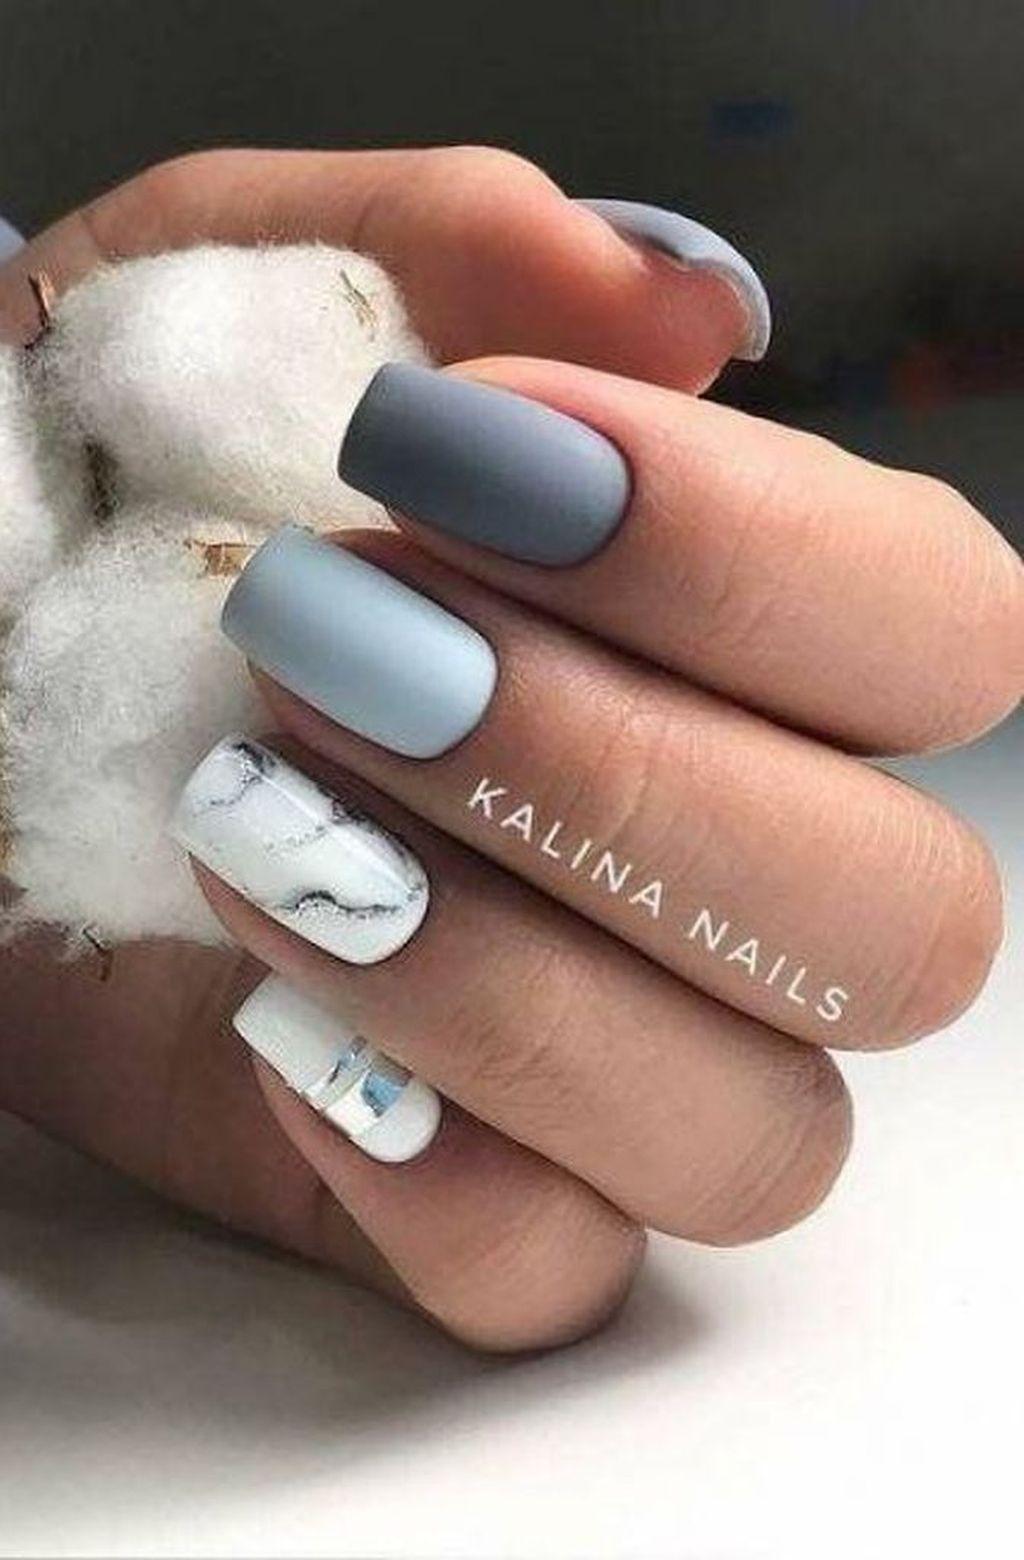 33 Simple Diy Matte Nail Design Ideas For Matte Nails 33 Simple Diy Matte Nail Design Ideas Fo Manicura De Unas Manicura Para Unas Cortas Disenos De Unas Mate